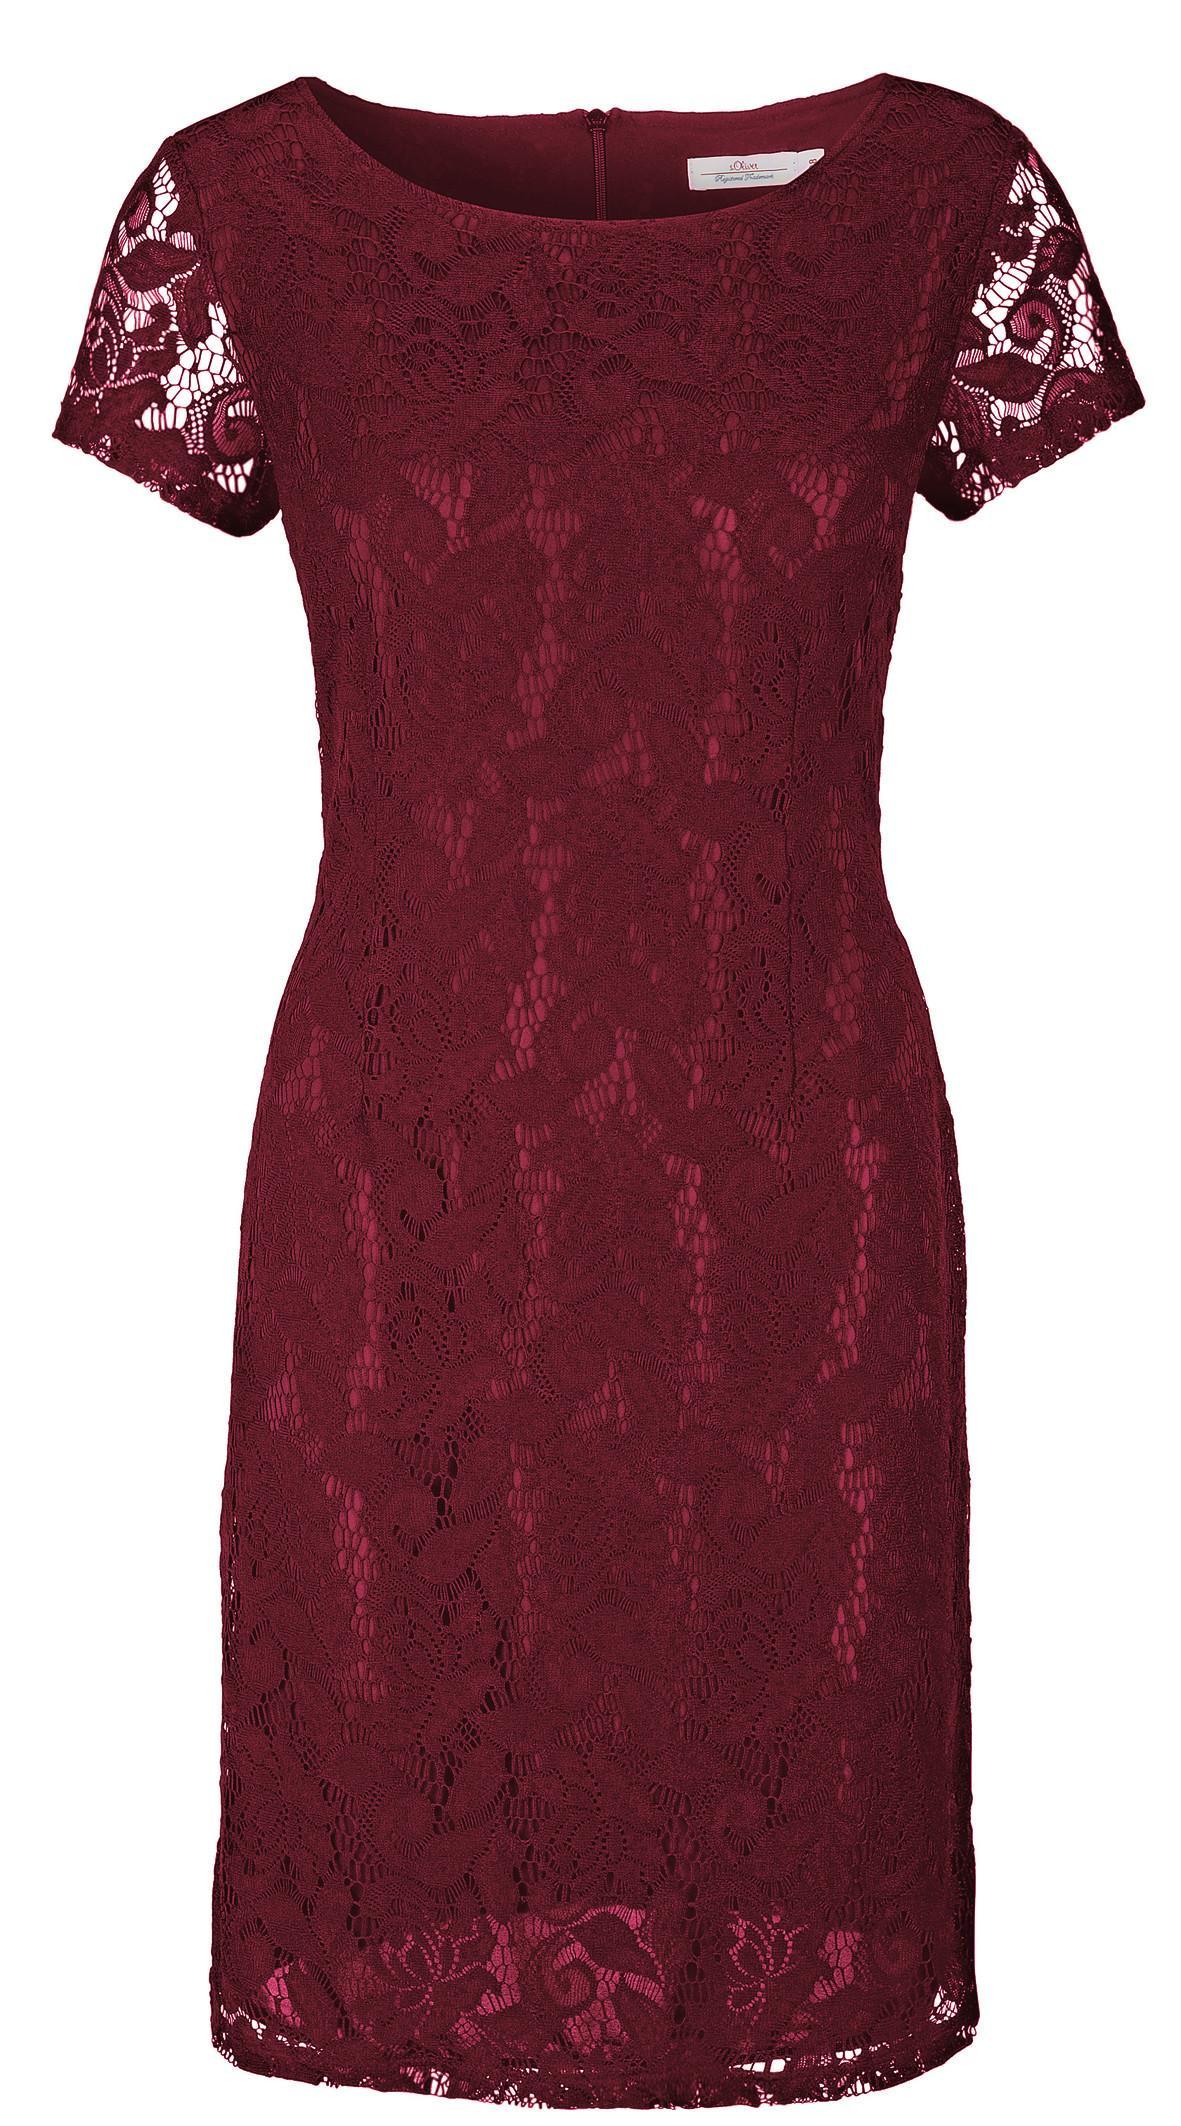 Genoeg Hoe straal je in een rode jurk? - Libelle &ZW19